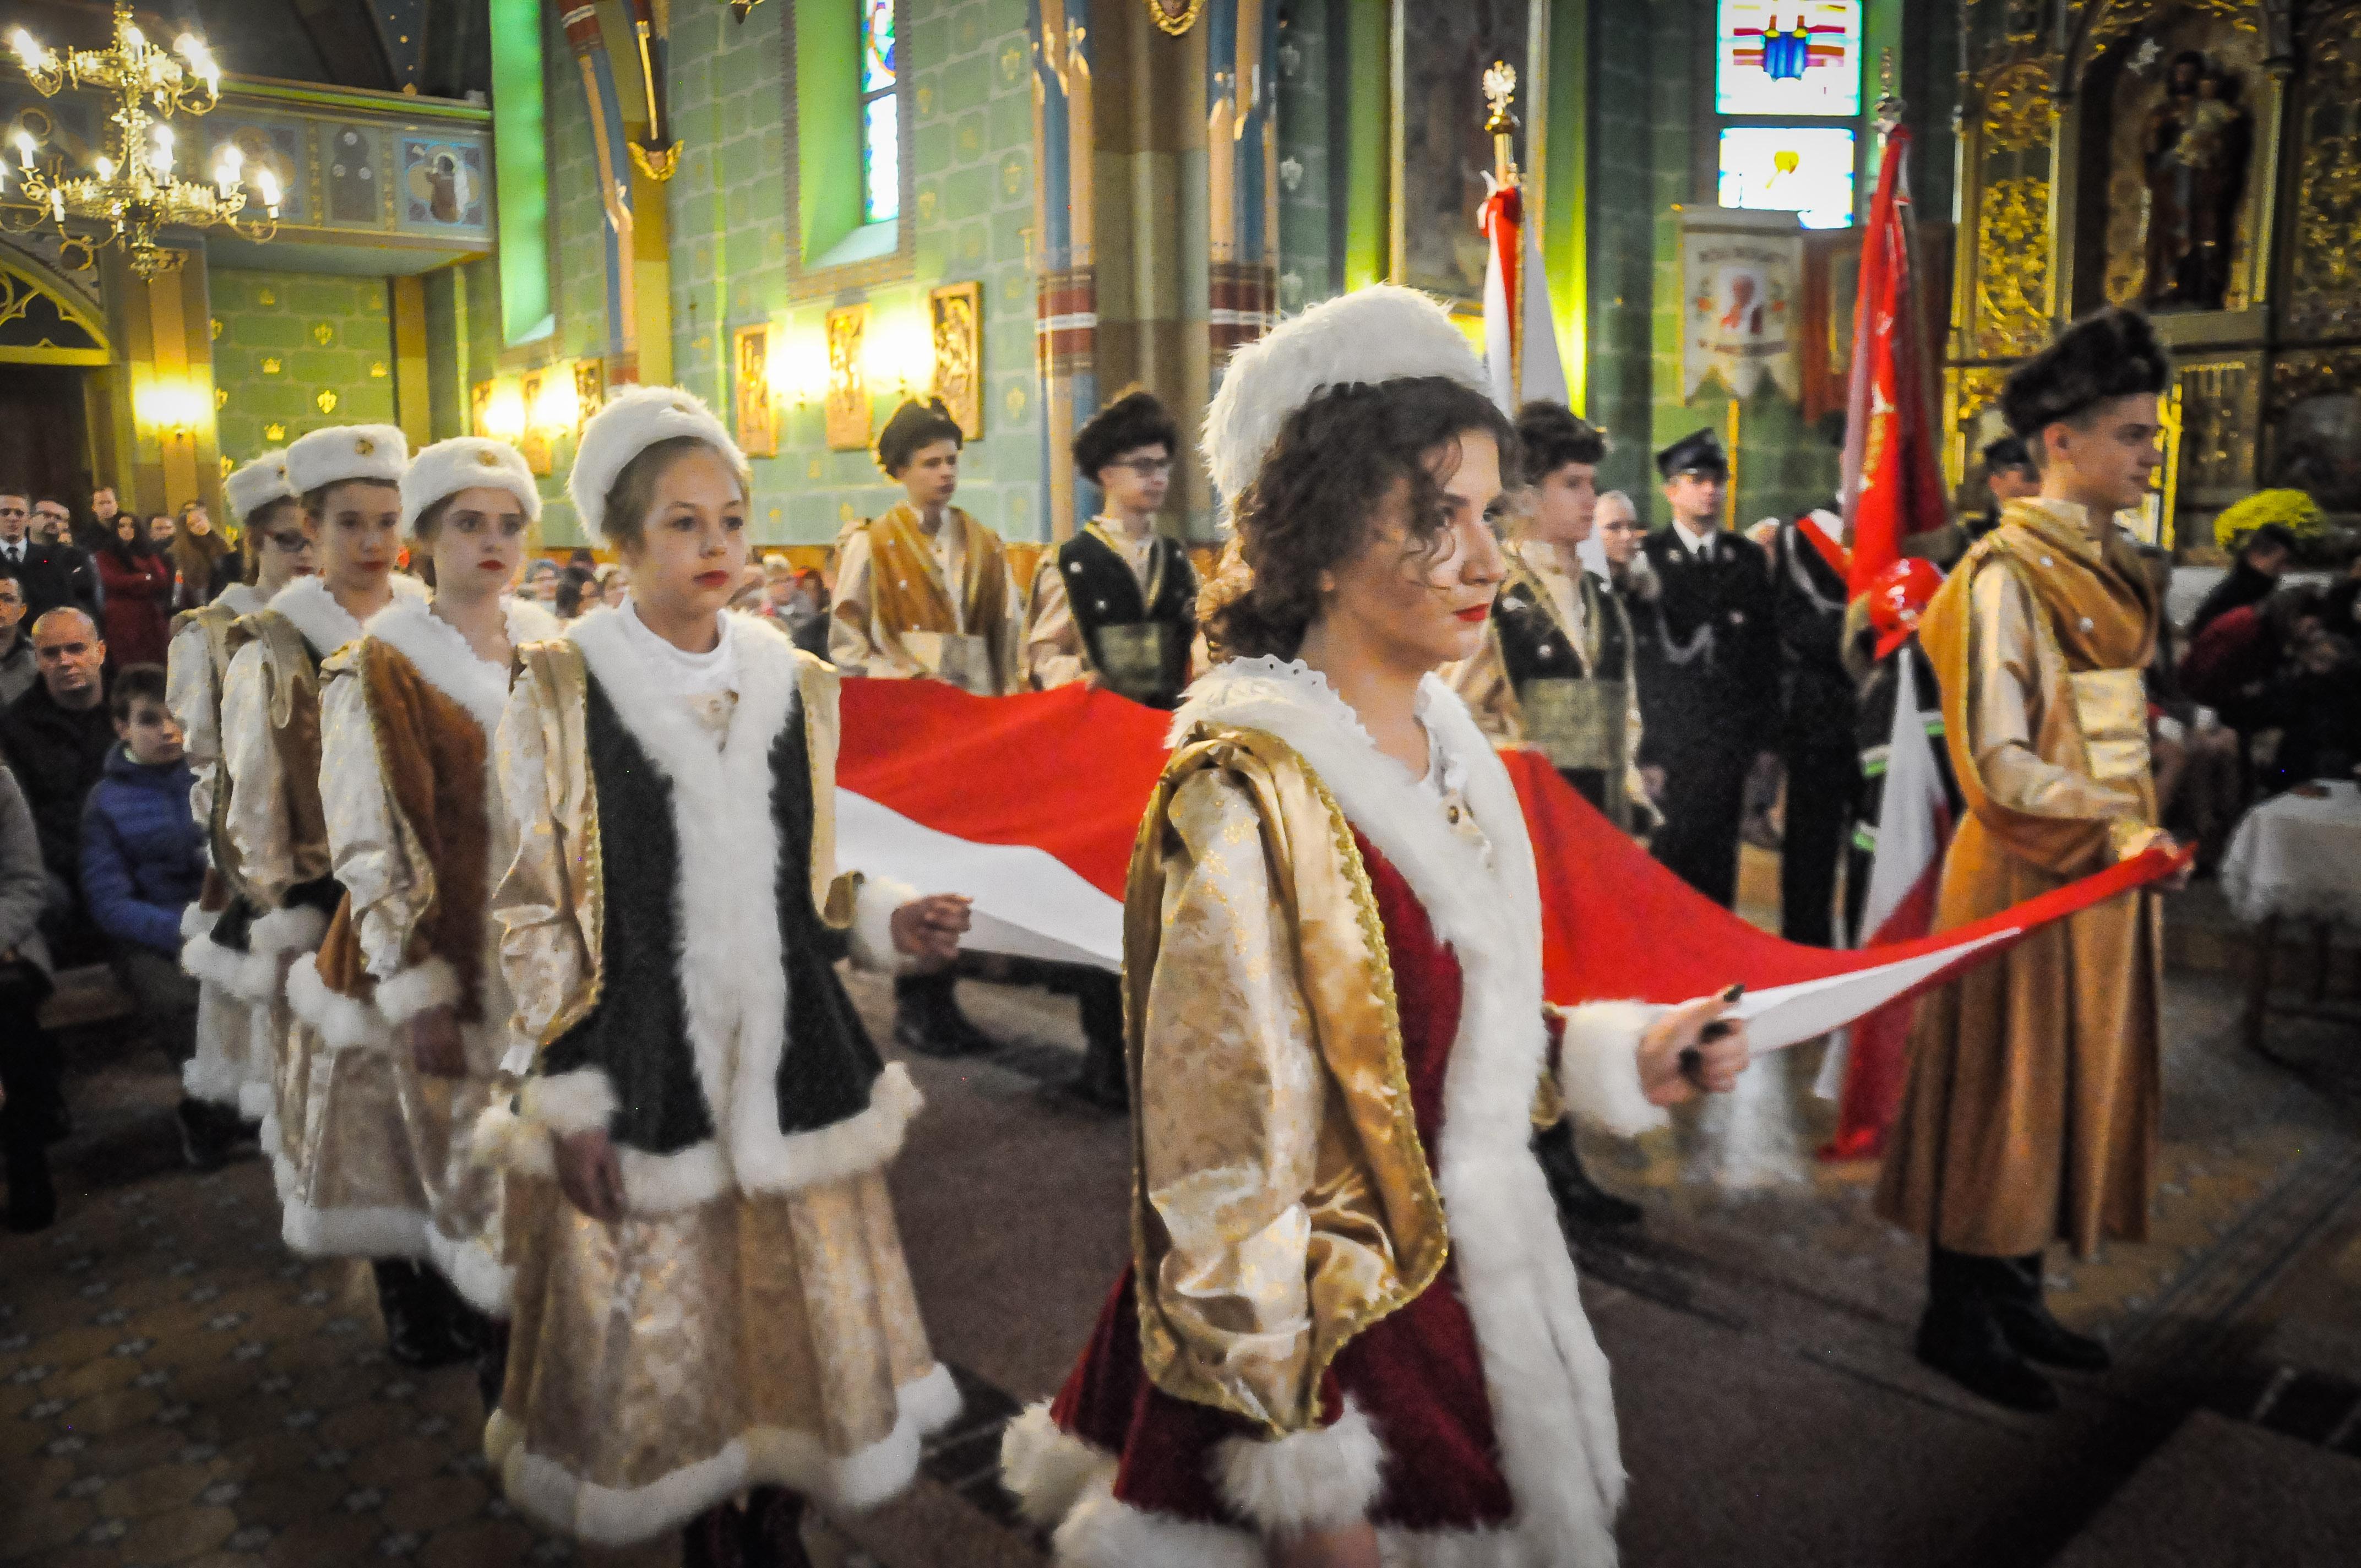 Msza św. w intencji Ojczyzny i pieśni patriotyczne w Jaślanach! - Zdjęcie główne